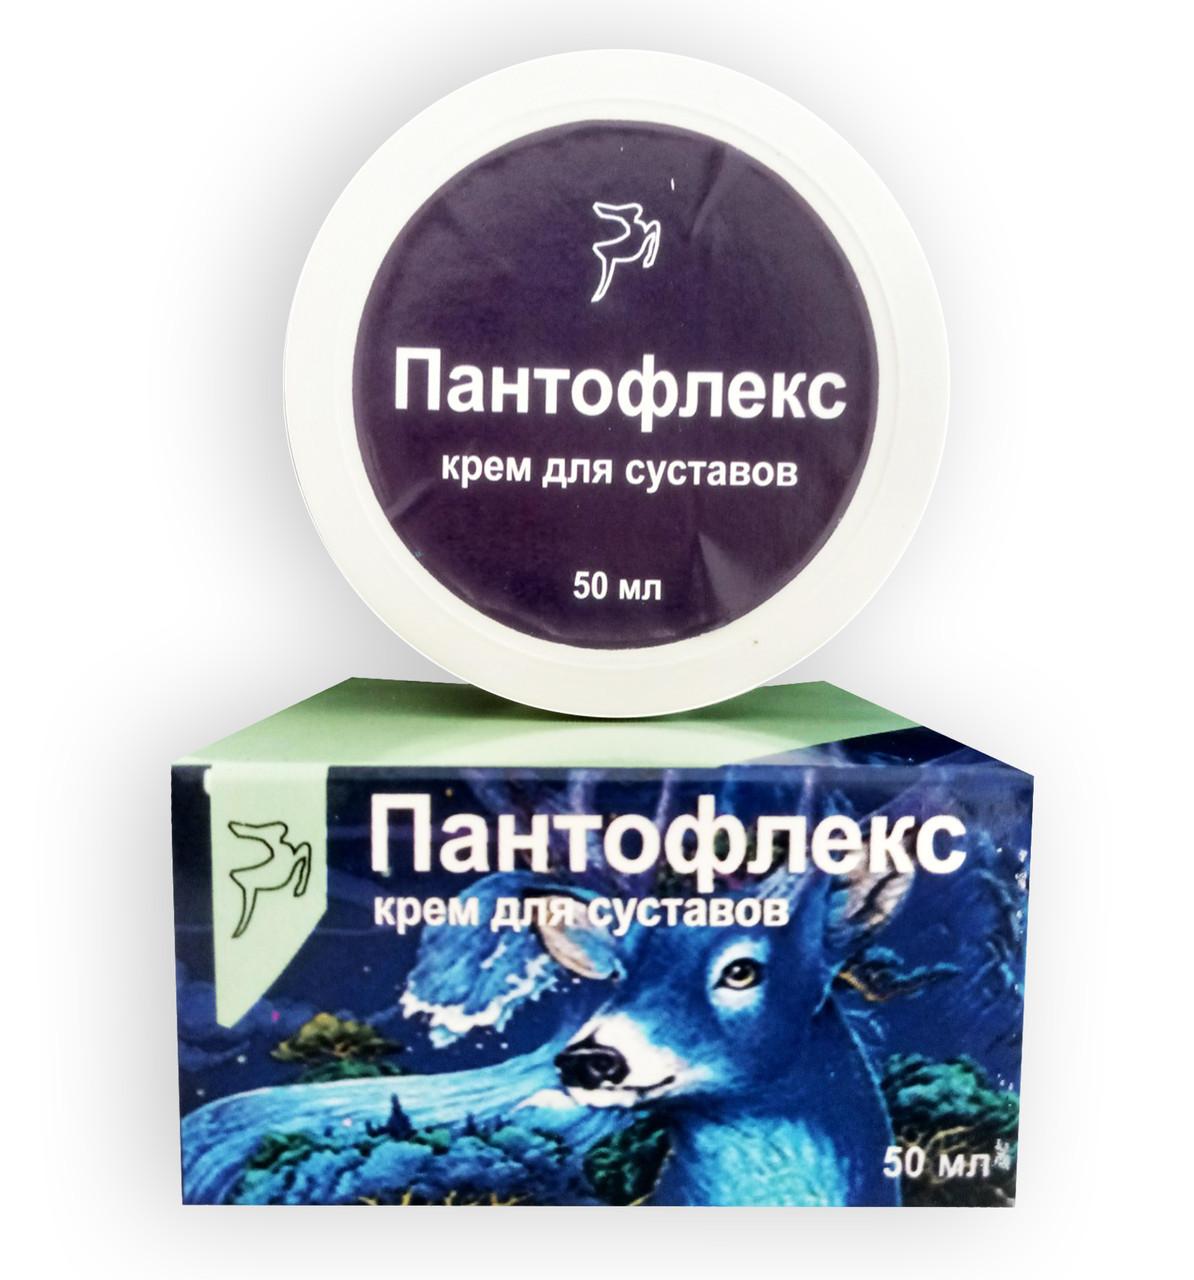 Пантофлекс - Крем для суставов 50 мл